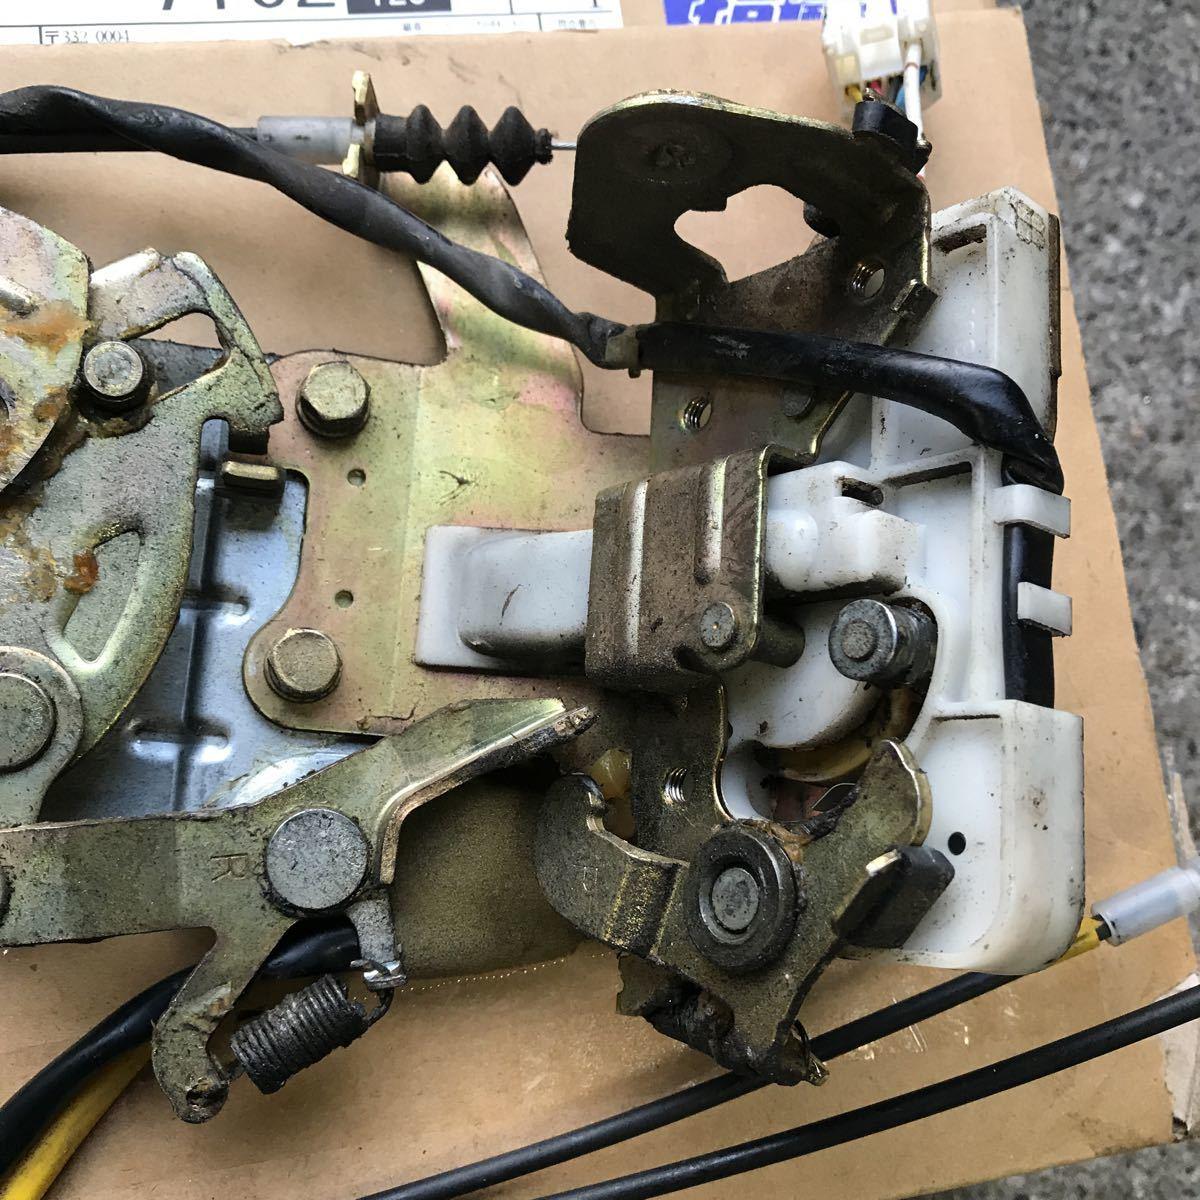 マツダ MPV LW3W 右スライド 右リア イージークローザー ドアロック アクチュエーター オートロック ソレノイド LD52-72-310_画像3